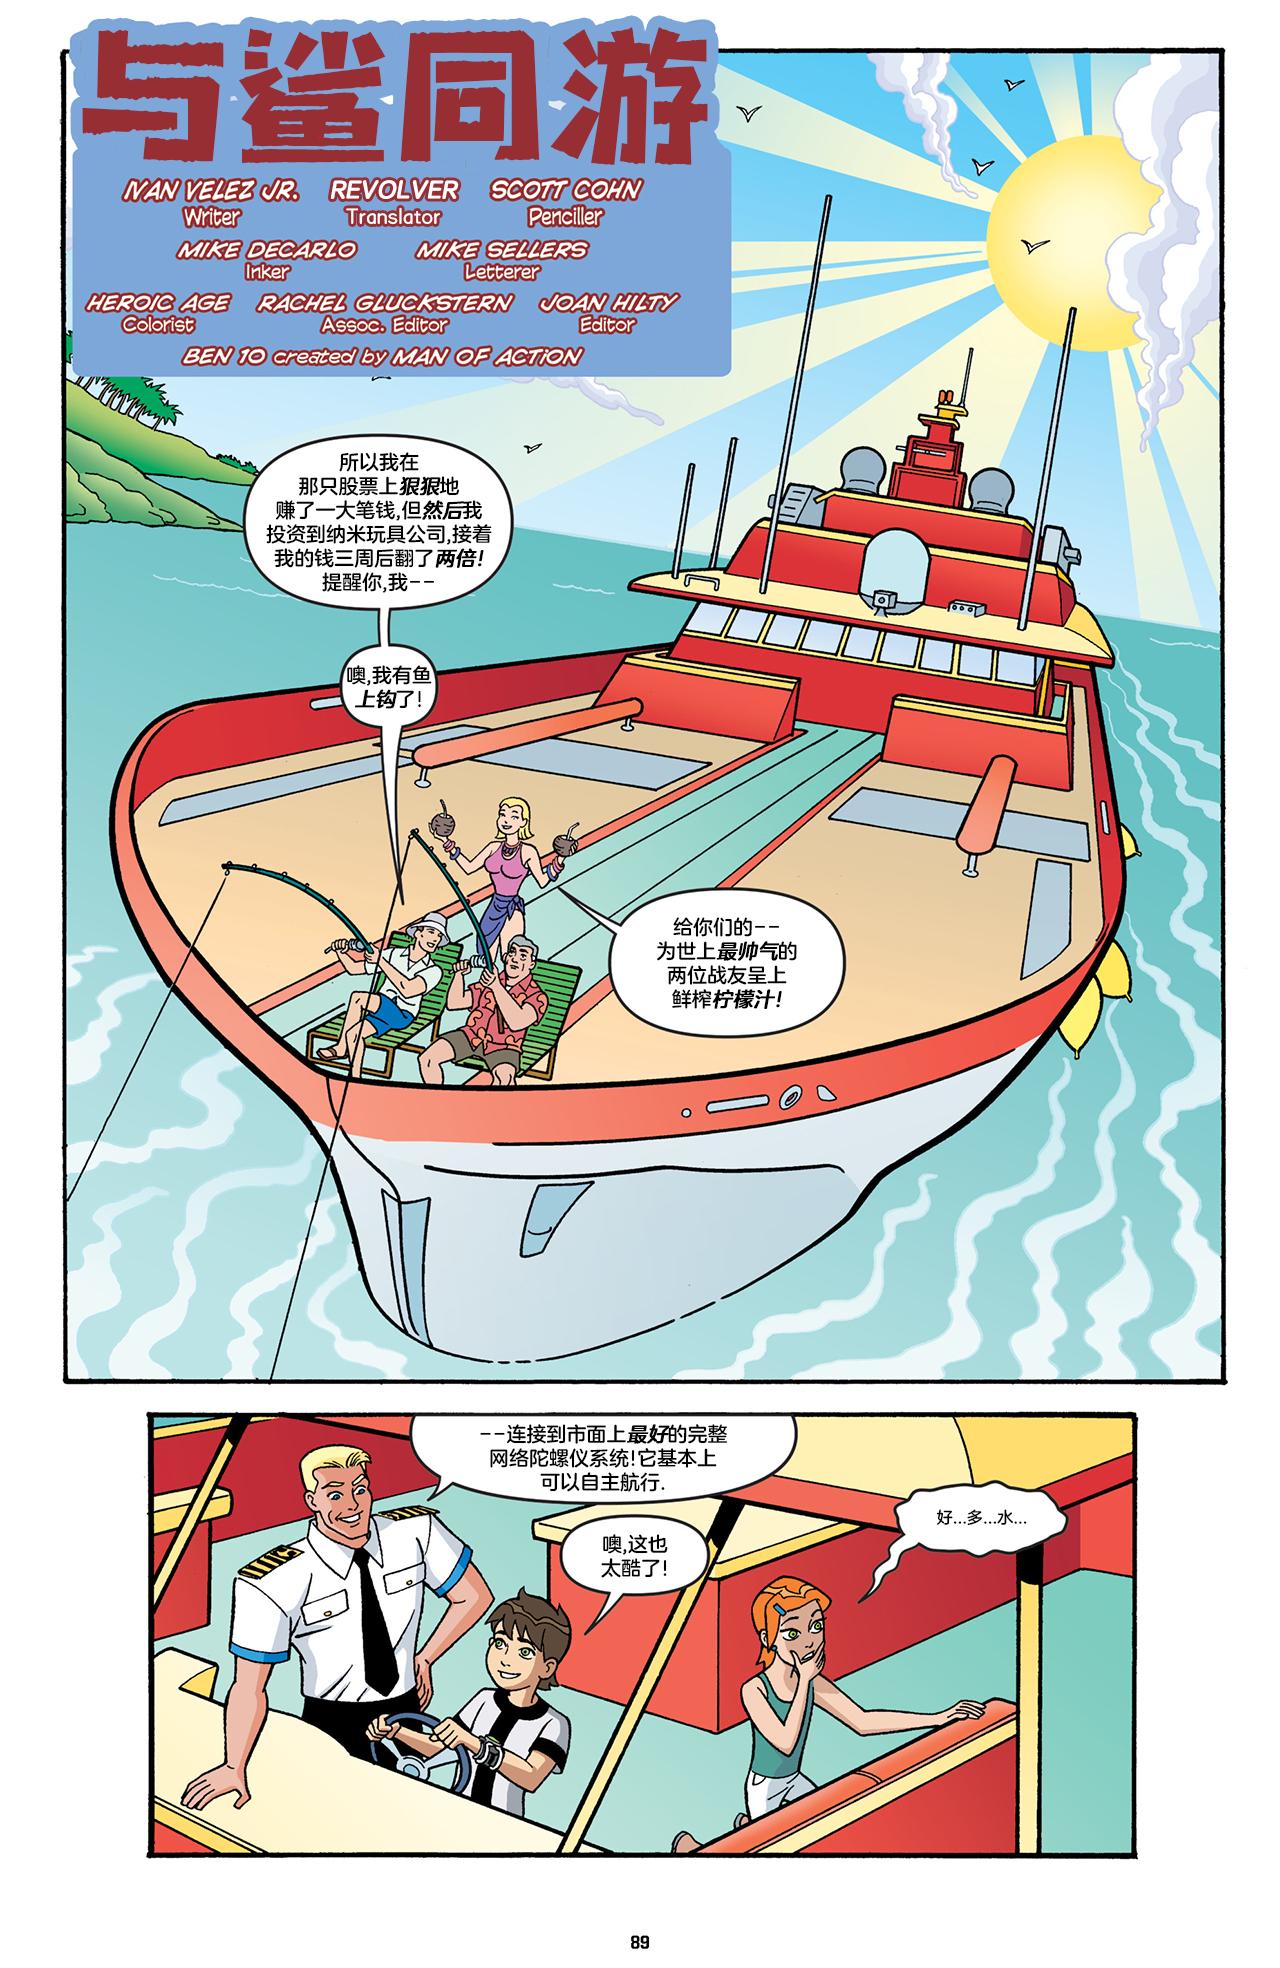 【个人汉化】Ben 10 少年骇客 漫画 #12-小柚妹站